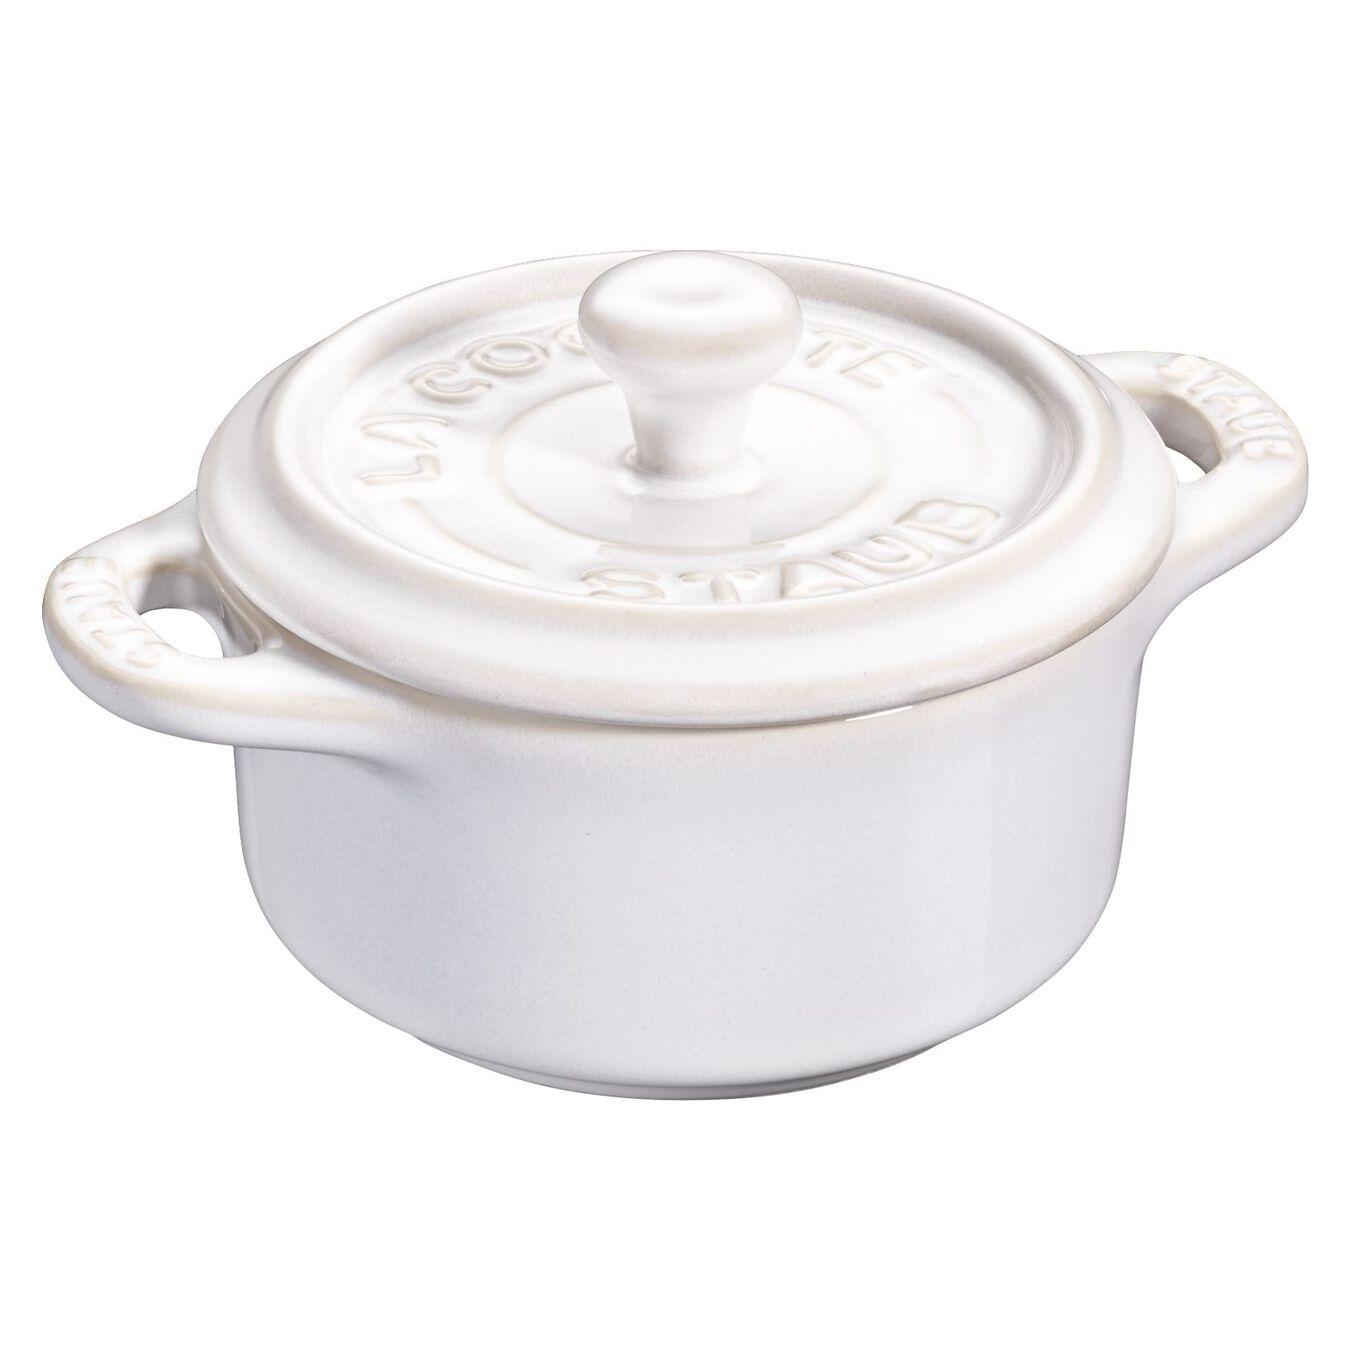 Mini Cocotte 10 cm, rund, Elfenbein-Weiß, Keramik,,large 1